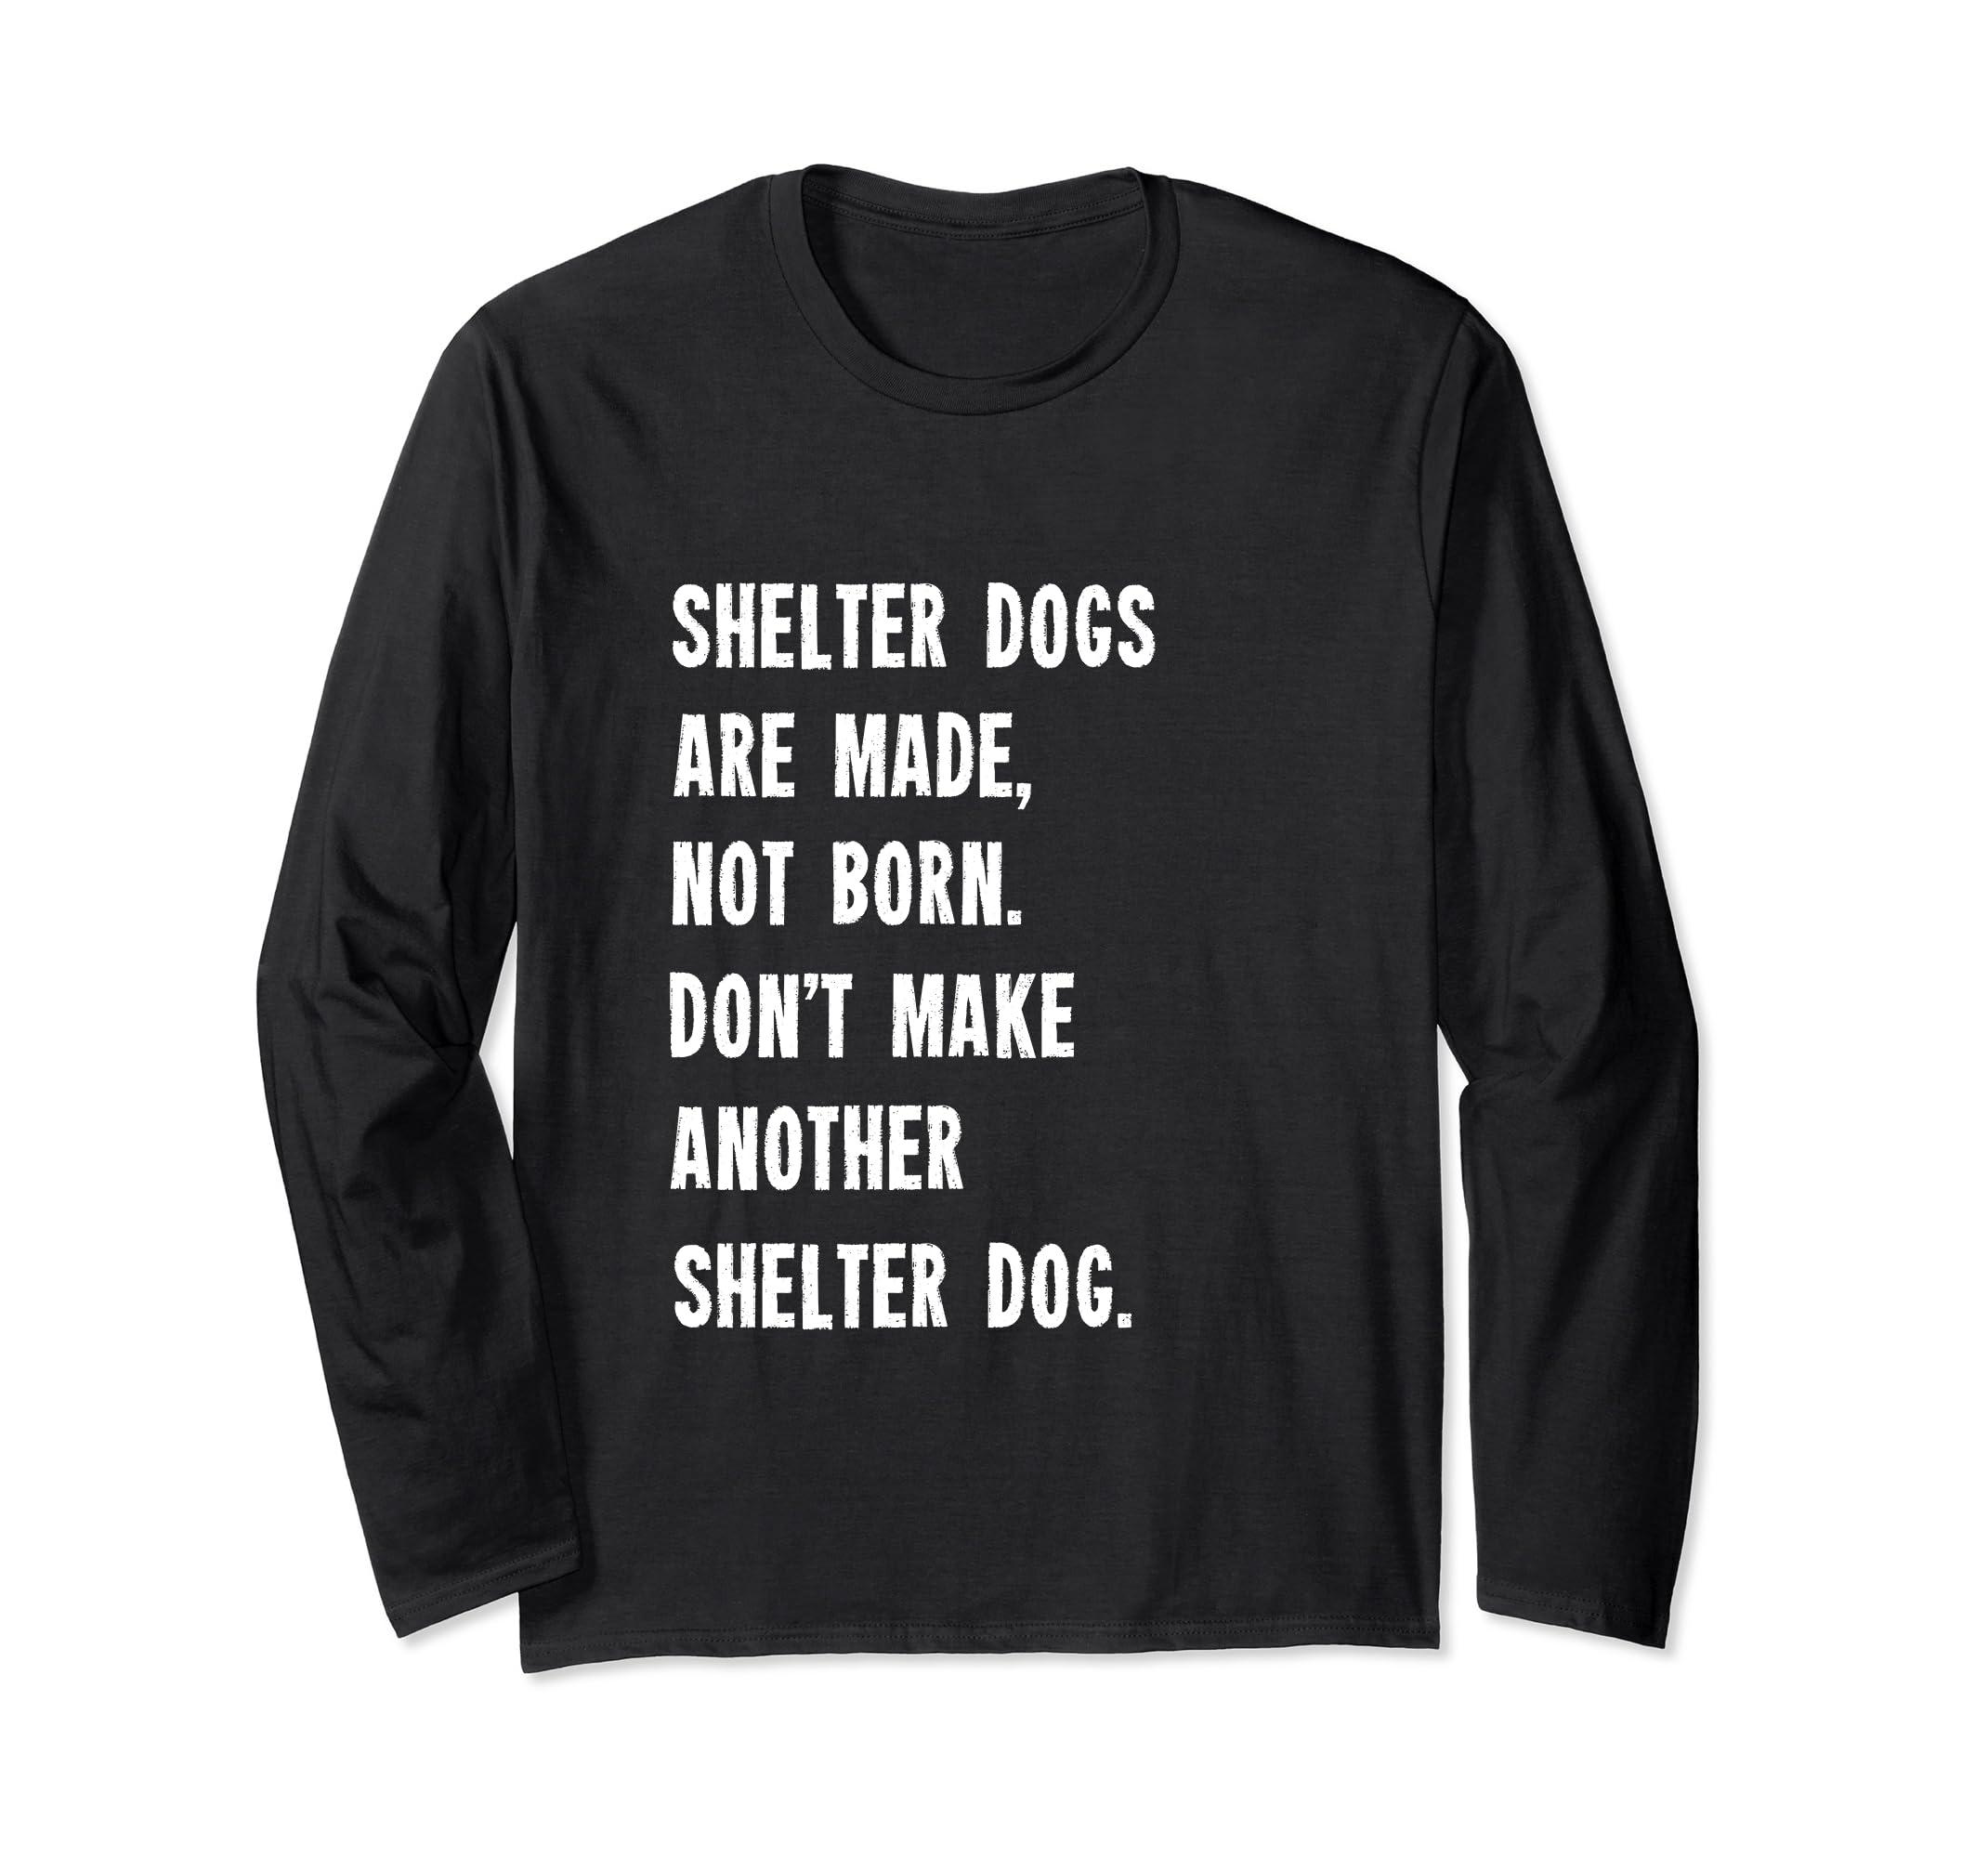 Amazon.com: Dog Adoption Quotes Sayings T shirt: Clothing